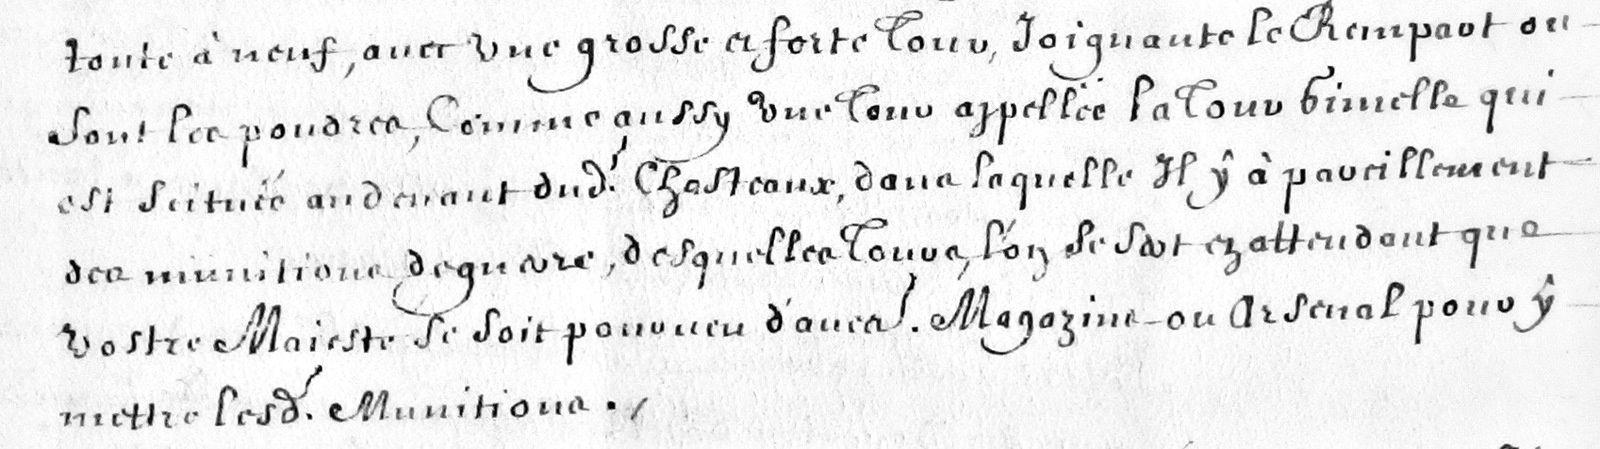 1668 - La seigneurie de Meilbourg (Tours -  Hôtel de Créhange - Infos diverses)